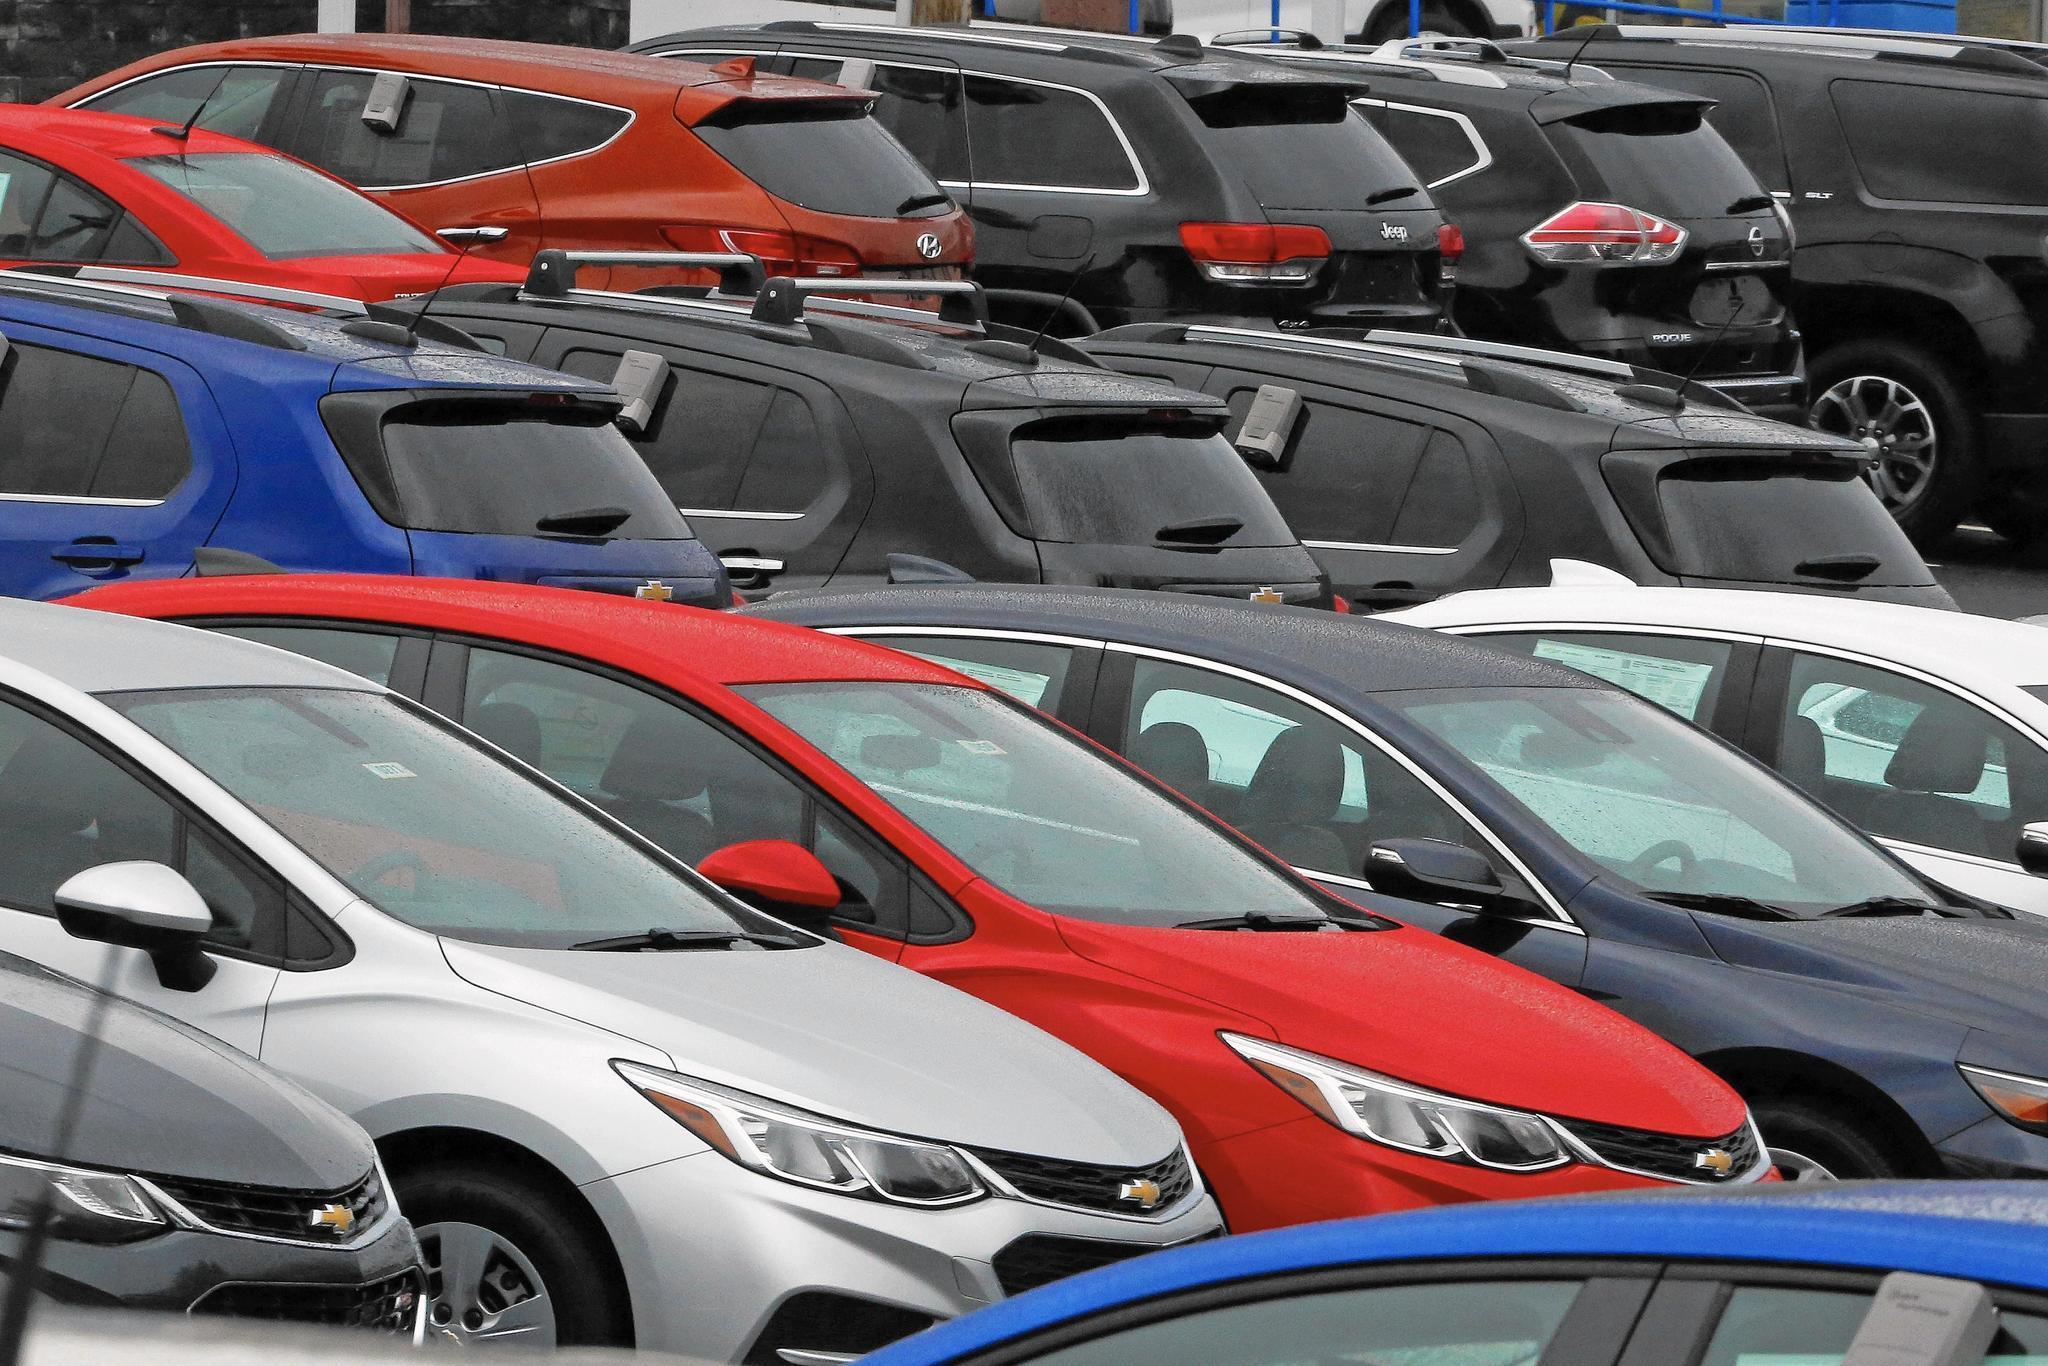 How Many Car Dealership Are In Pocatello Idaho